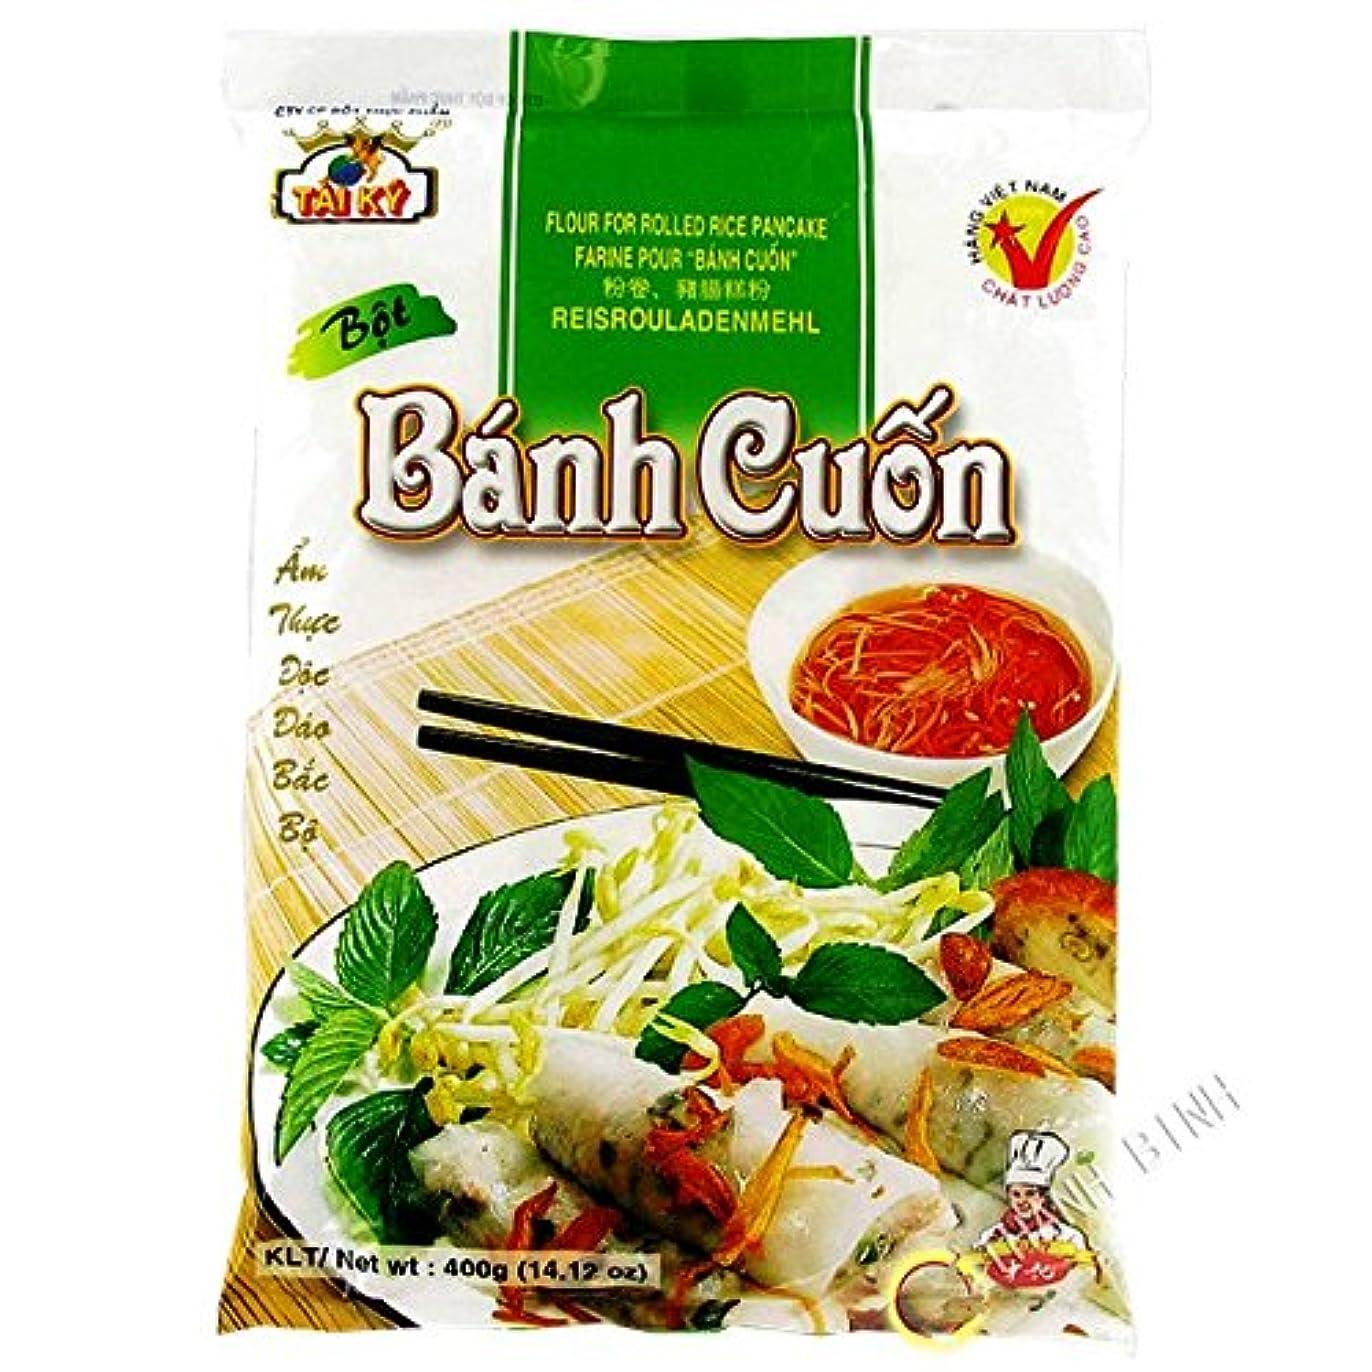 連結する選択する私たちのTAI KY バインクオン粉 400g 1袋 Bot Banh Cuon TAI KY 400g 1tui